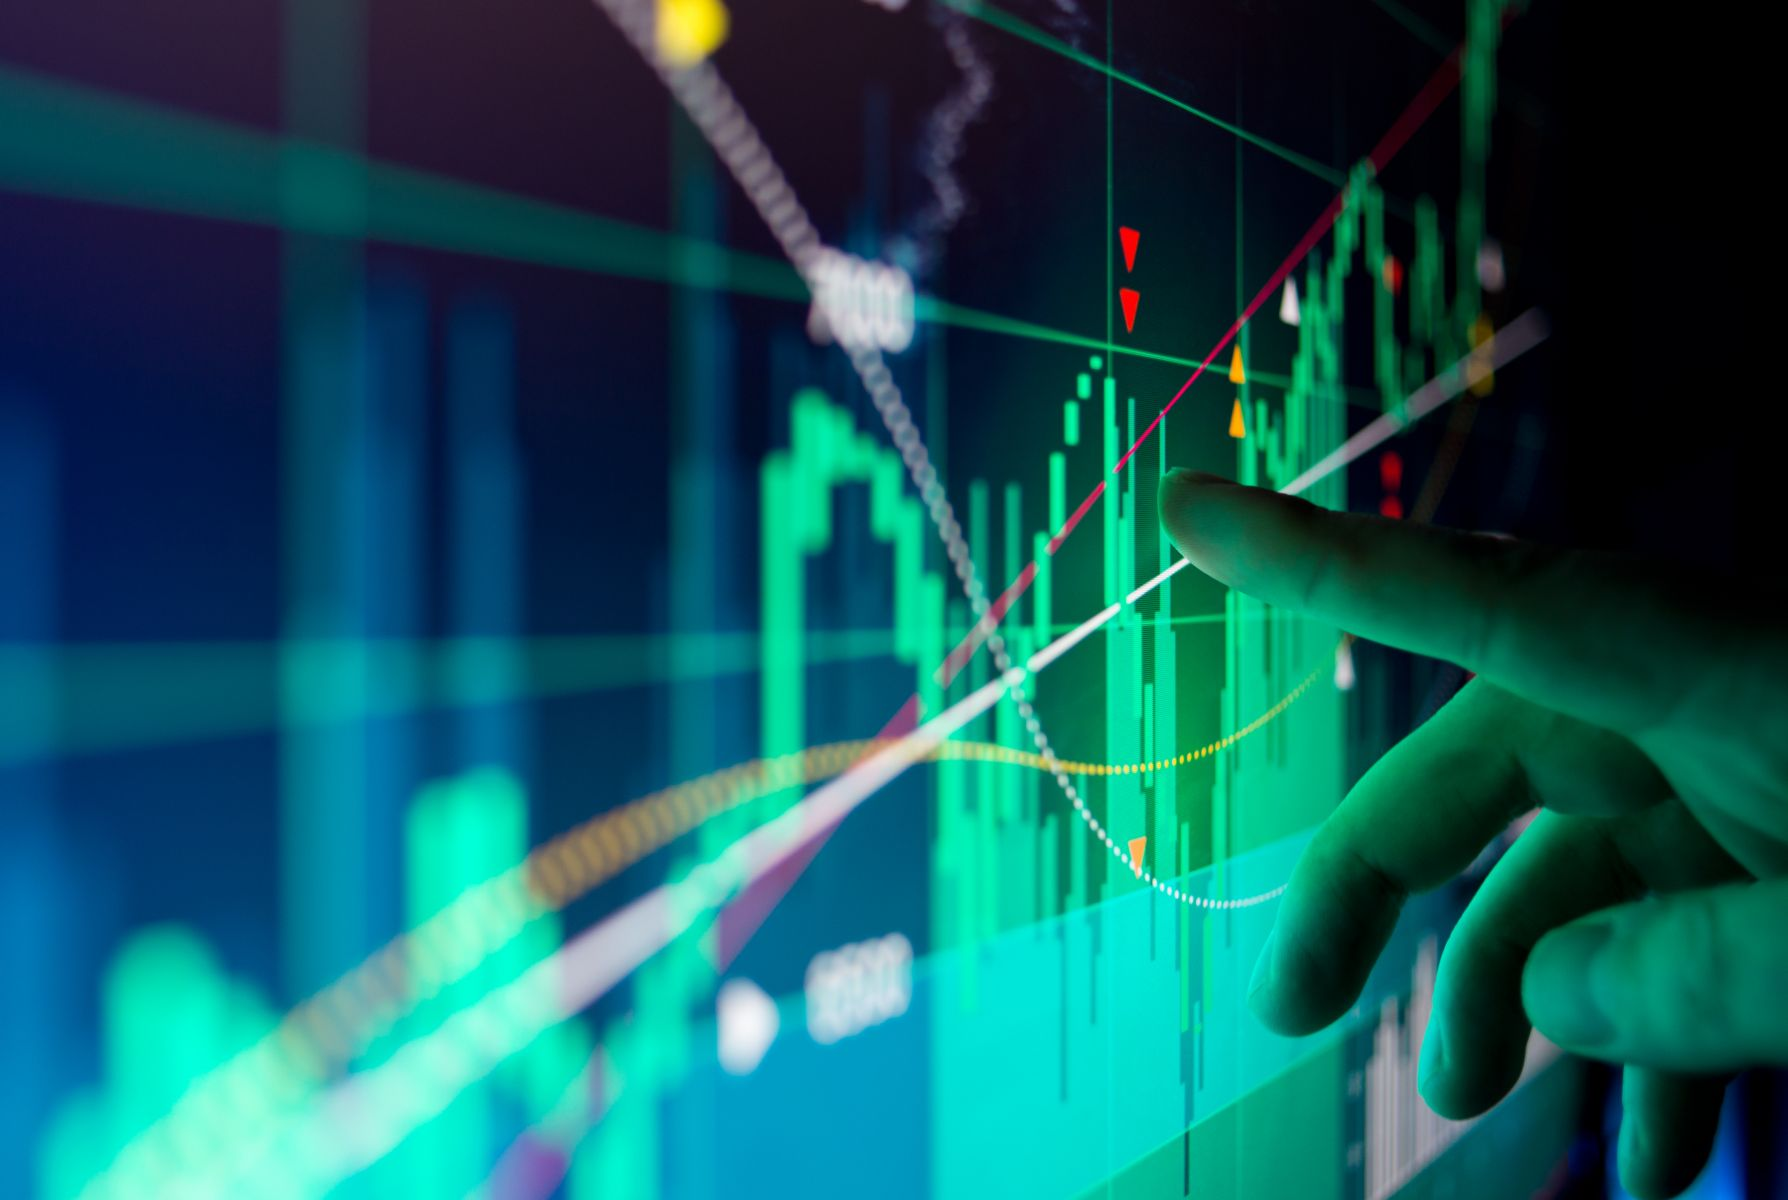 義大利政局動盪 銀行股領跌 道瓊大幅收低391點